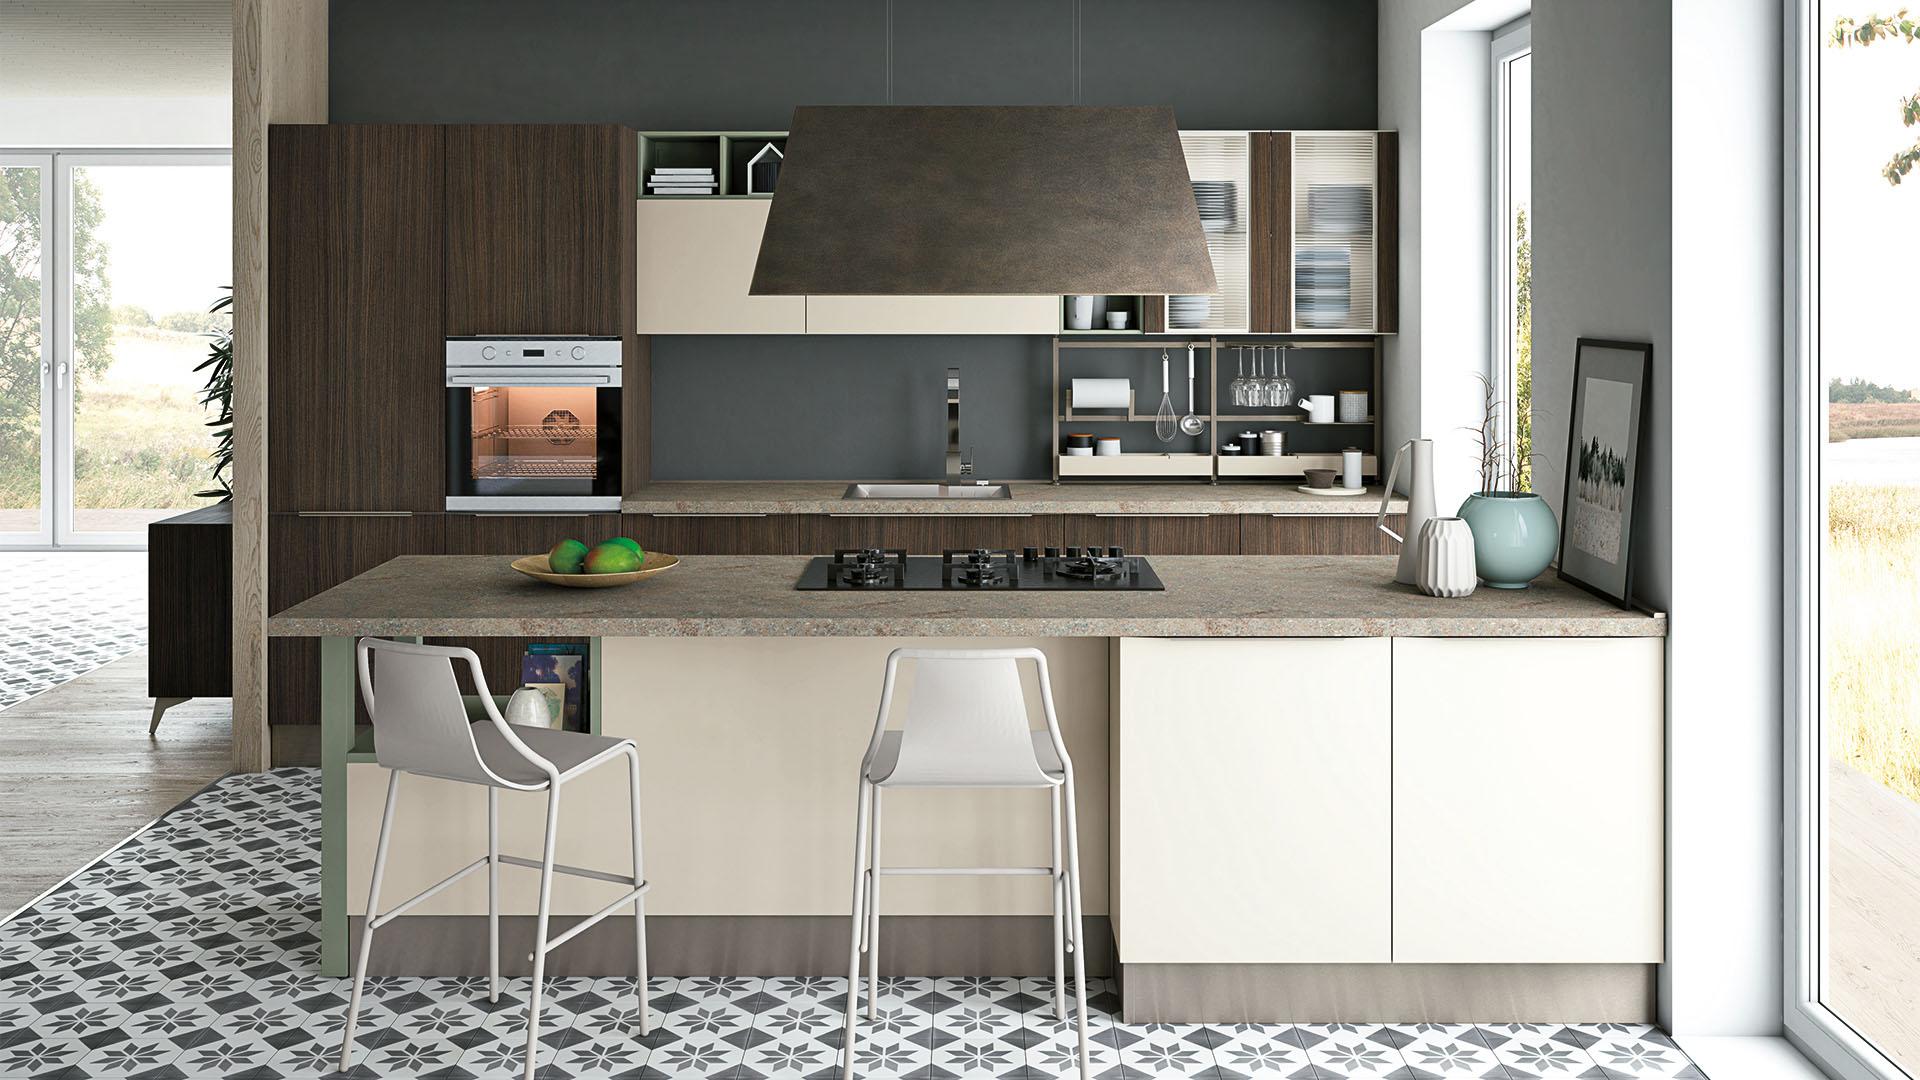 cucina-creo-tablet-a-nardò-e-lecce-11